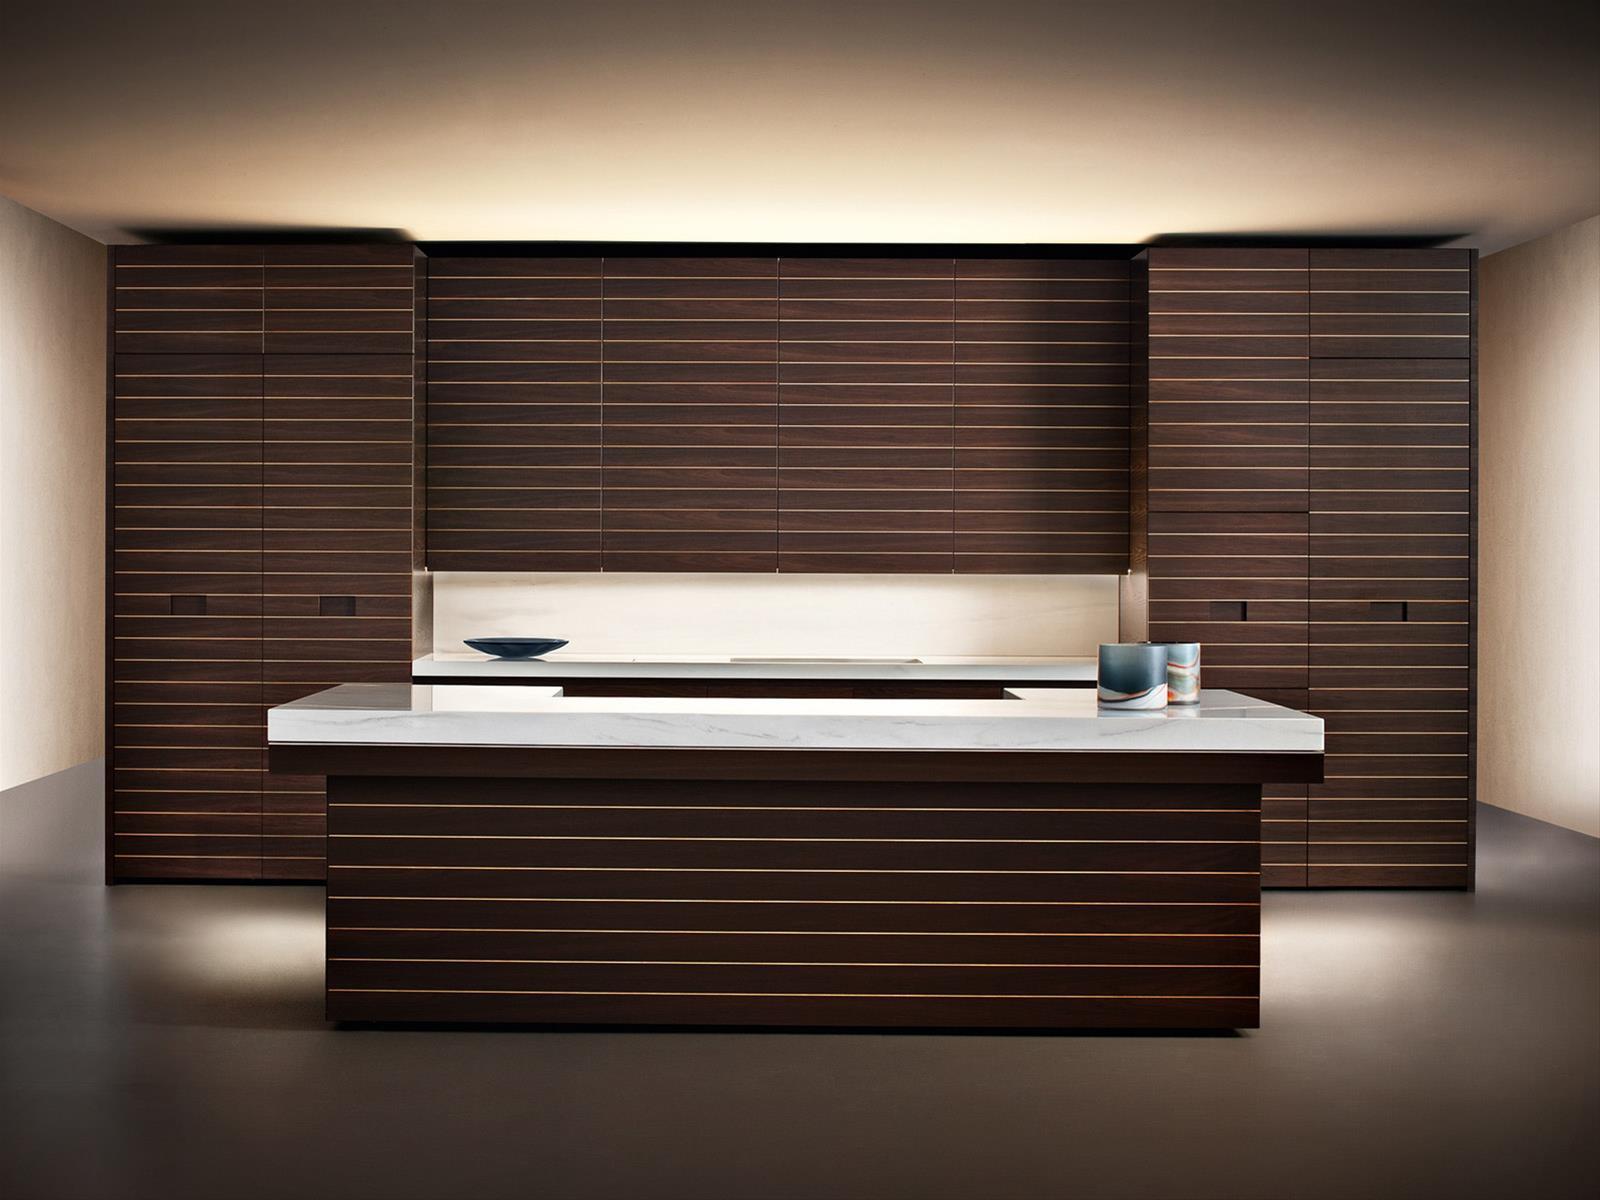 Slide armani dada cucine in legno moderne armani for Arredamento armani